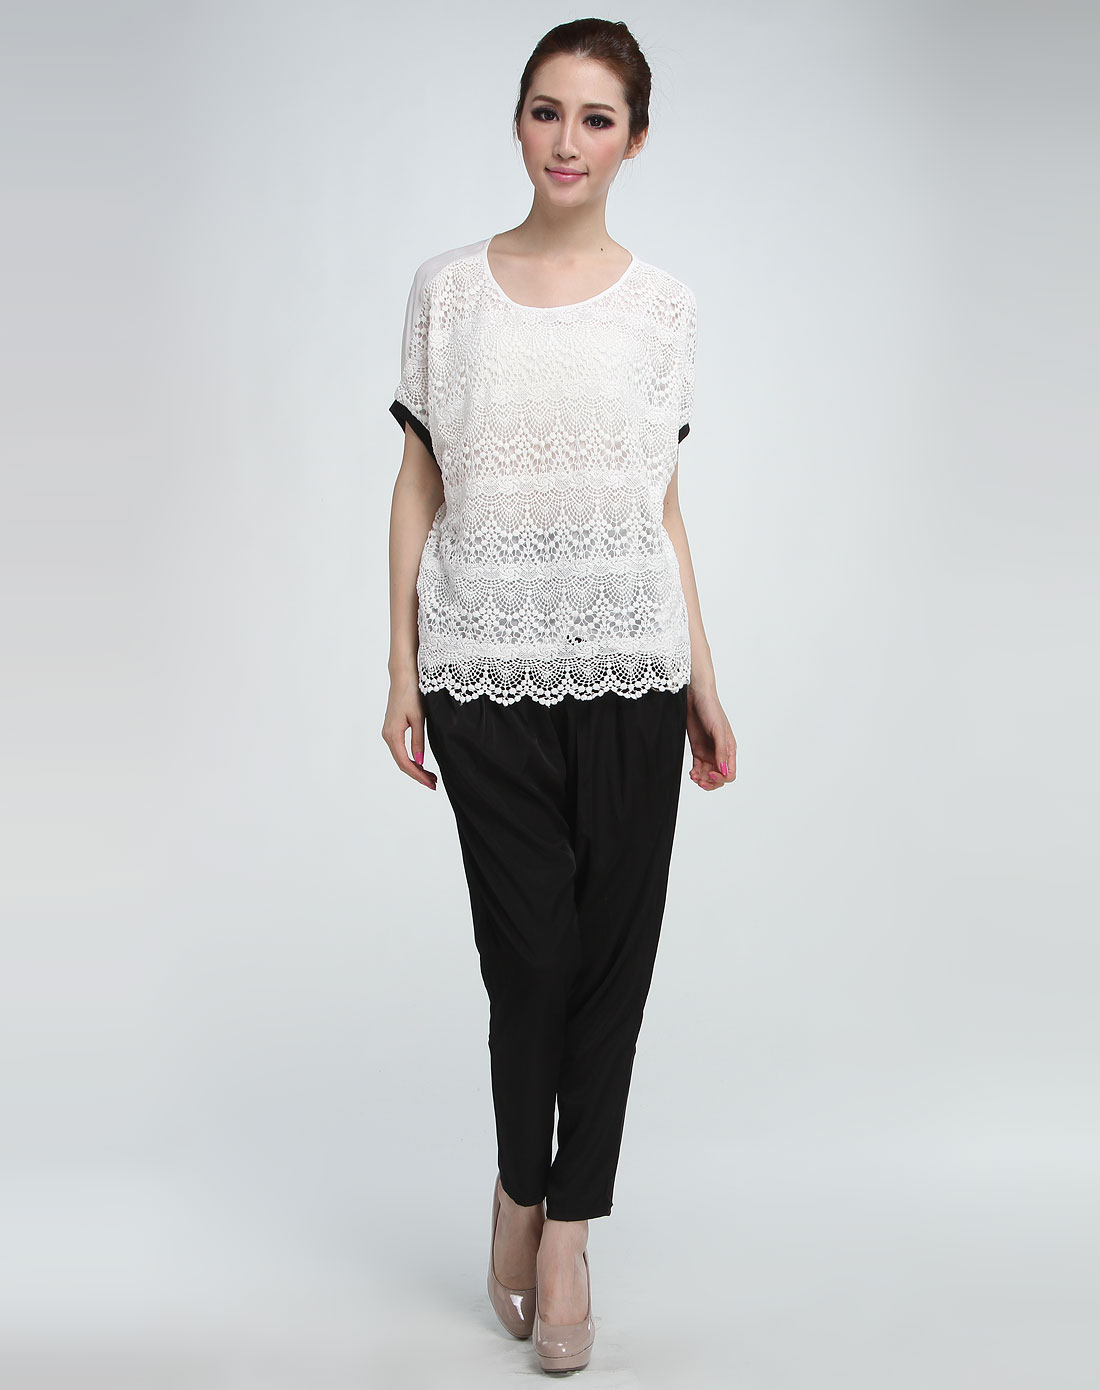 3白色复古花纹短袖上衣k122c111200